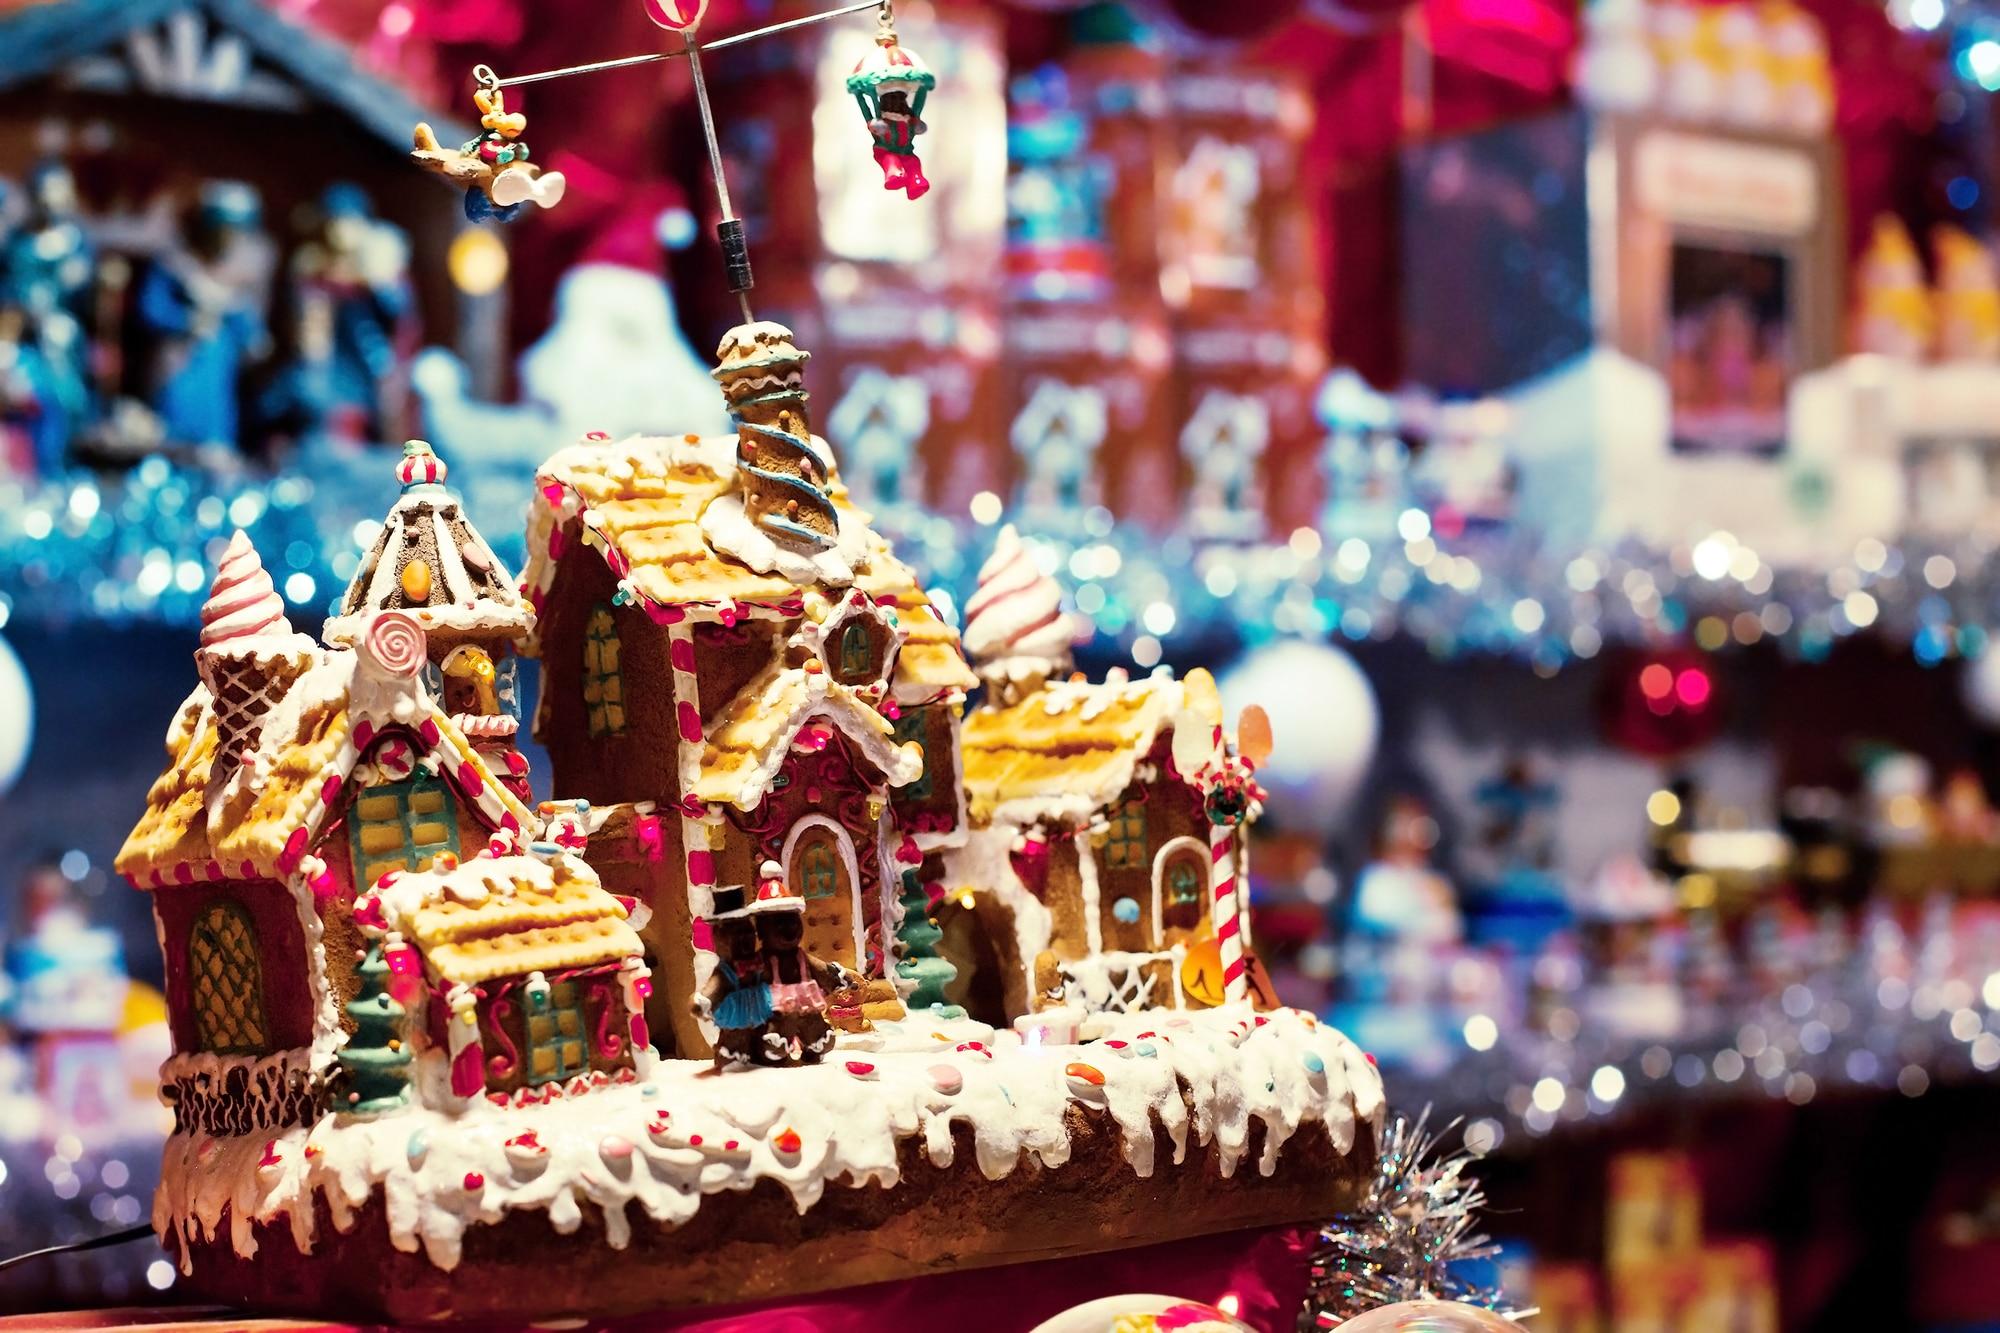 Passeggiare tra le casette di legno di un mercatino natalizio sorseggiando cioccolata calda. Quale modo migliore per abbandonarsi alla magica atmosfera del periodo più bello dell'anno? Sono tanti i mercatini…